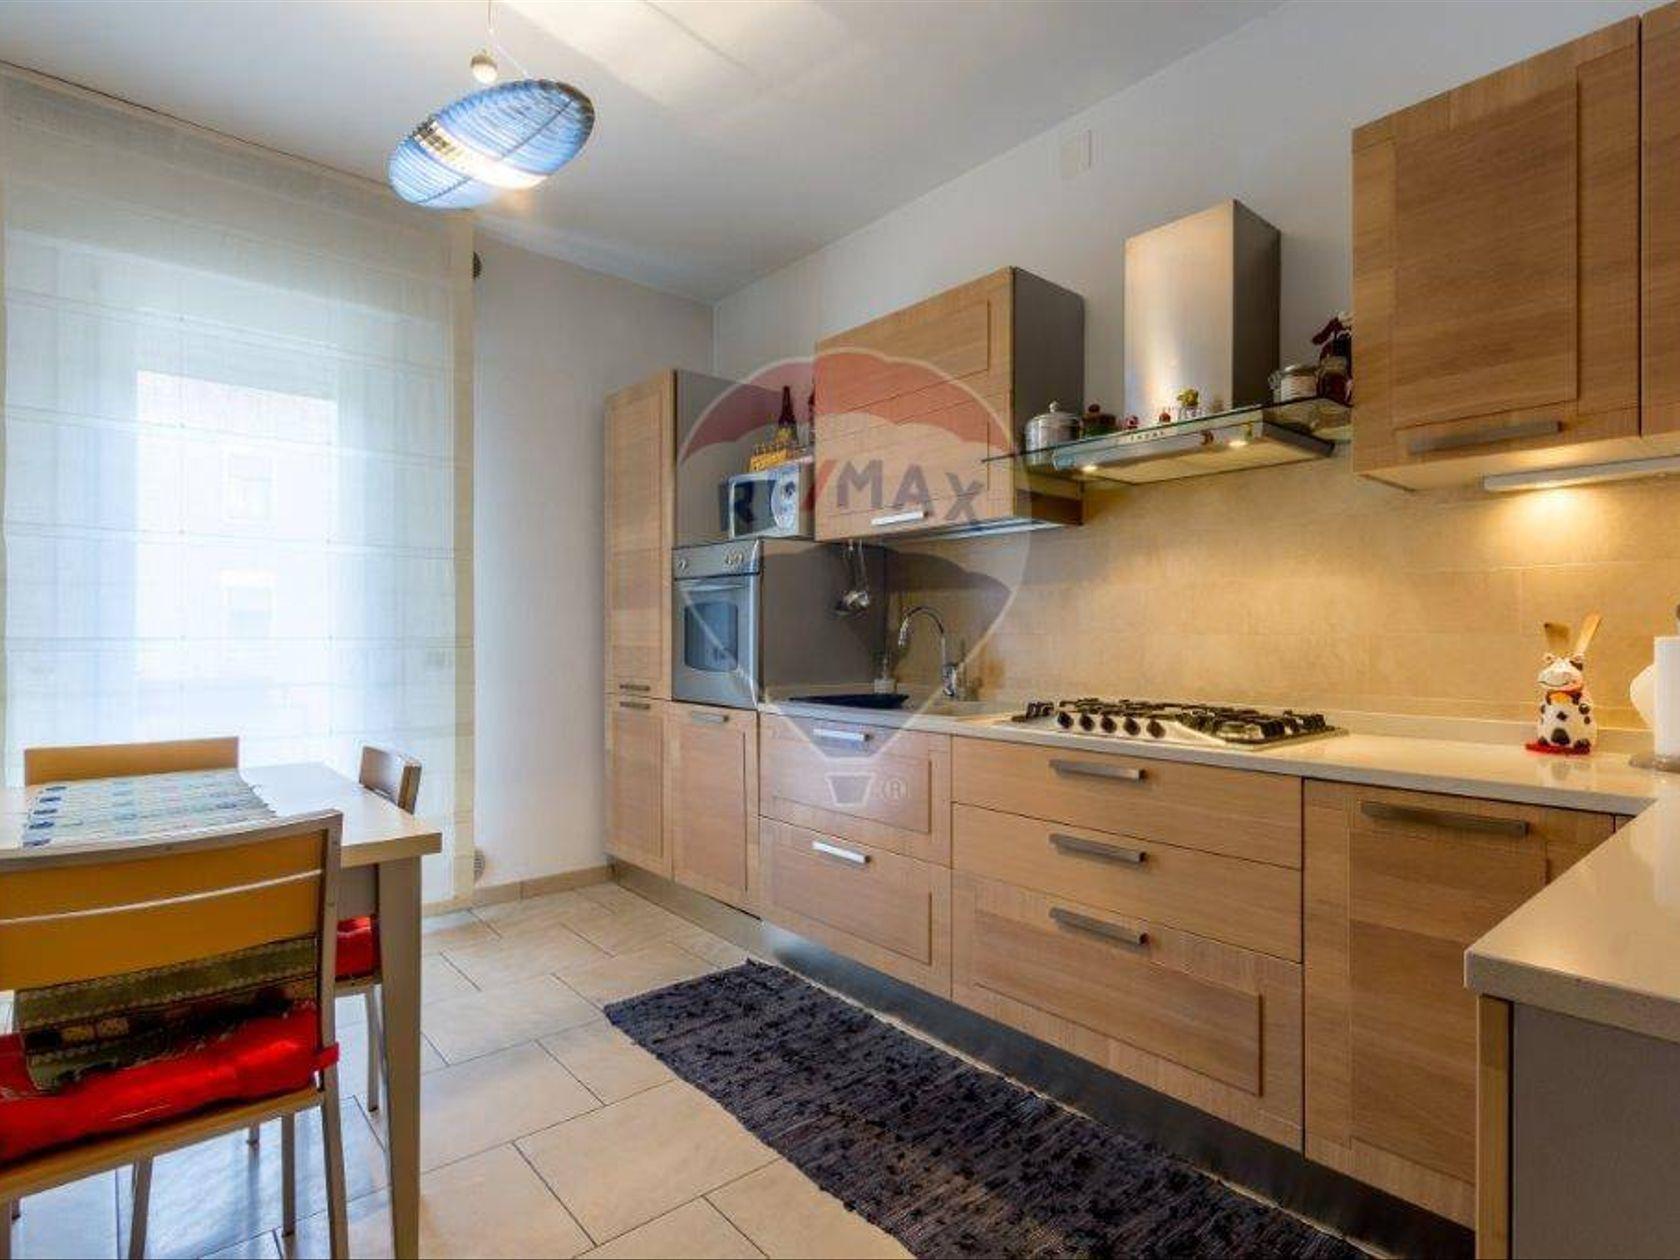 Appartamento Guizza, Padova, PD Vendita - Foto 2